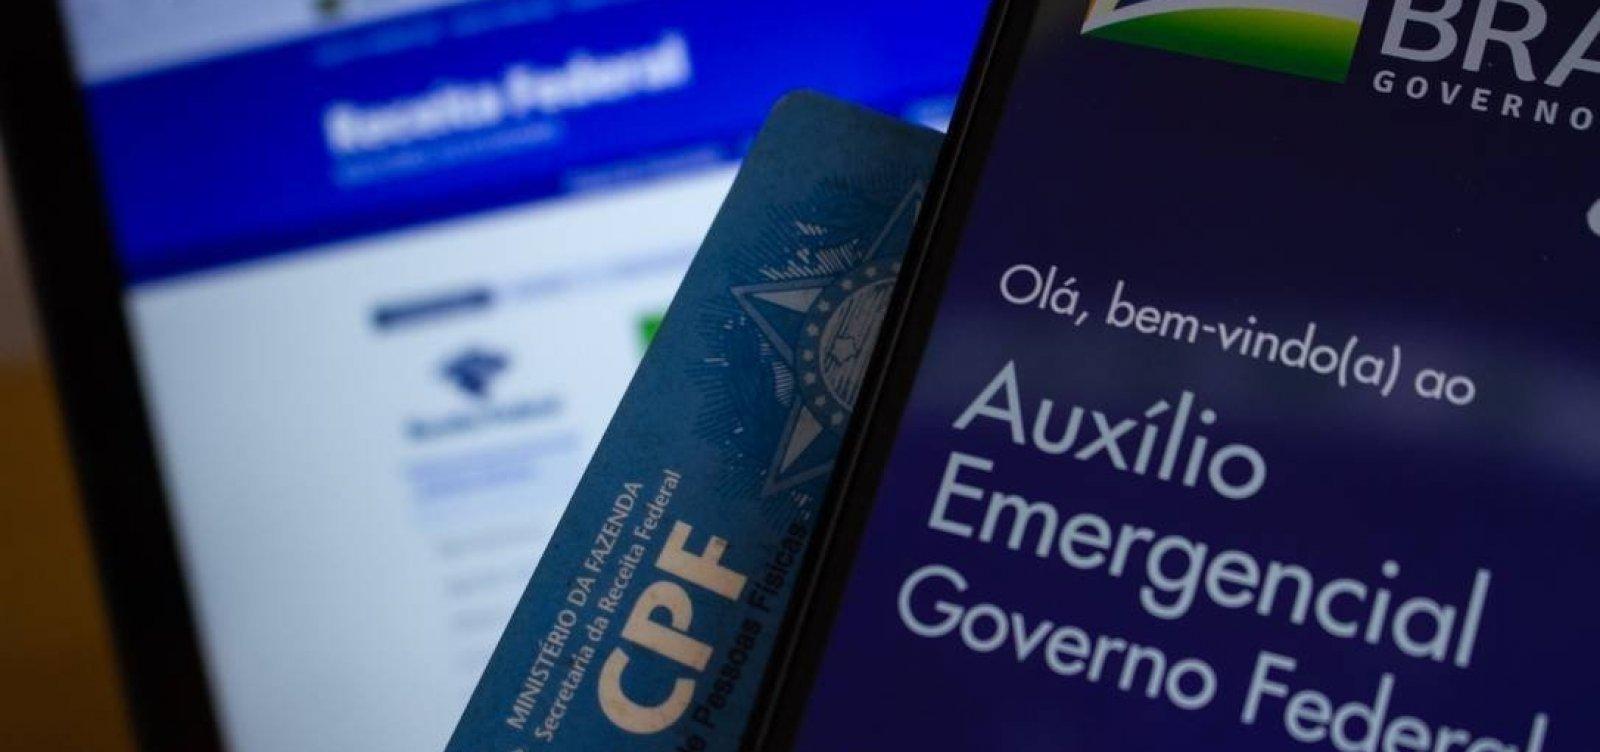 [Auxílio Emergêncial: Guedes confirma que benefício ficará entre R$ 175 e R$ 375]